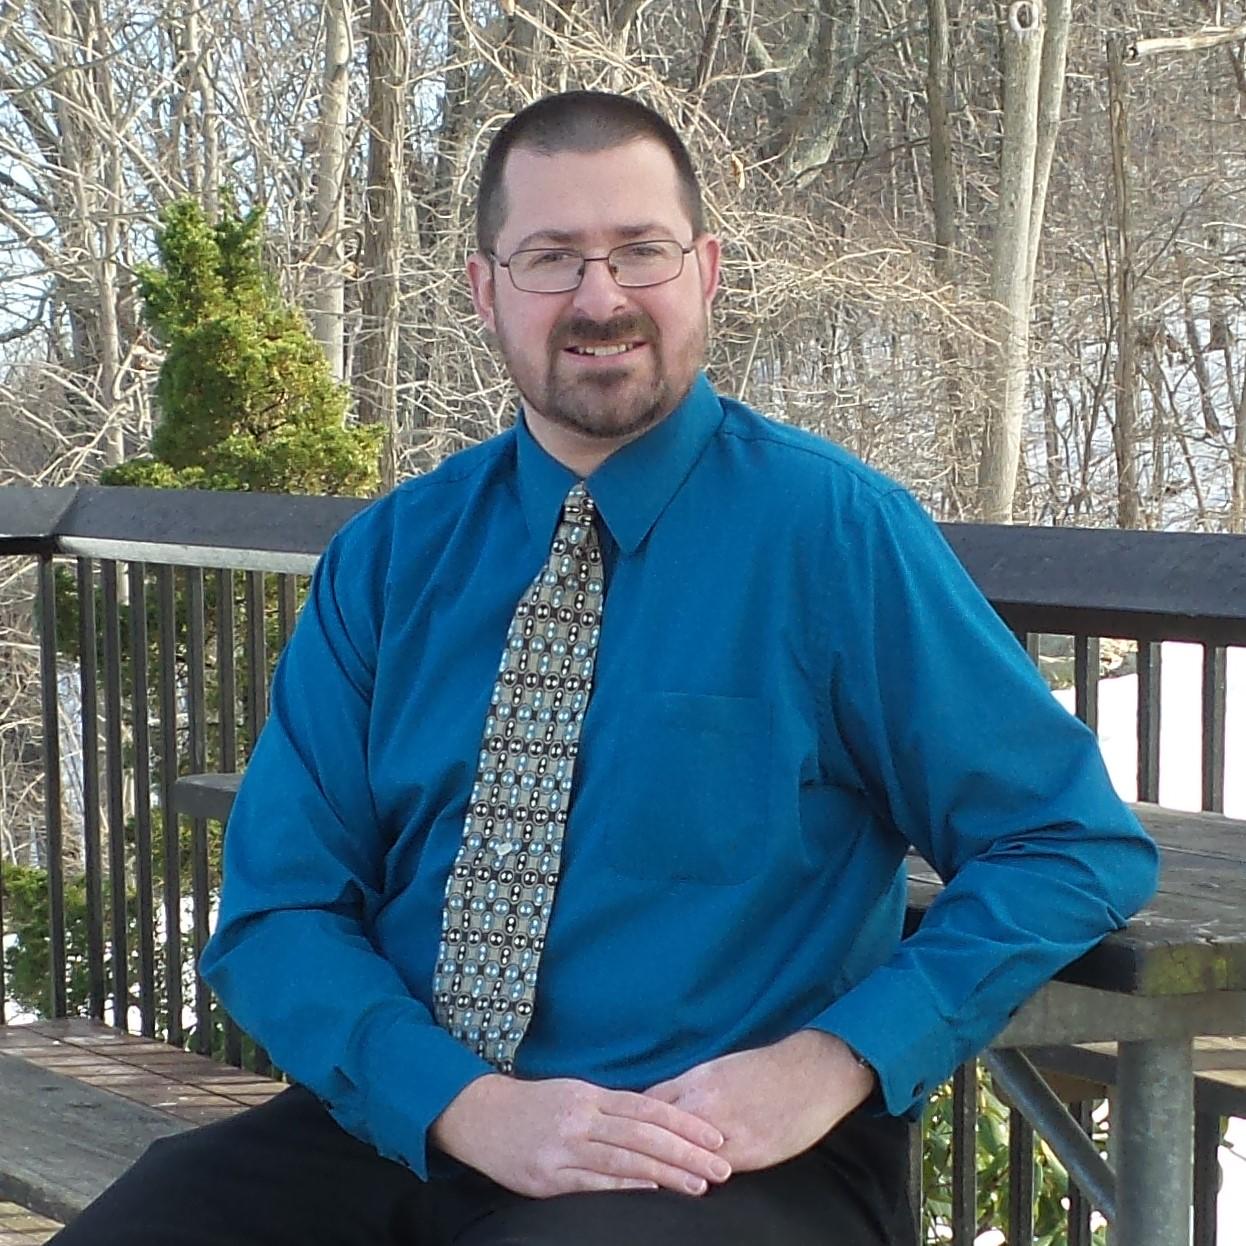 Daniel S. Brogan